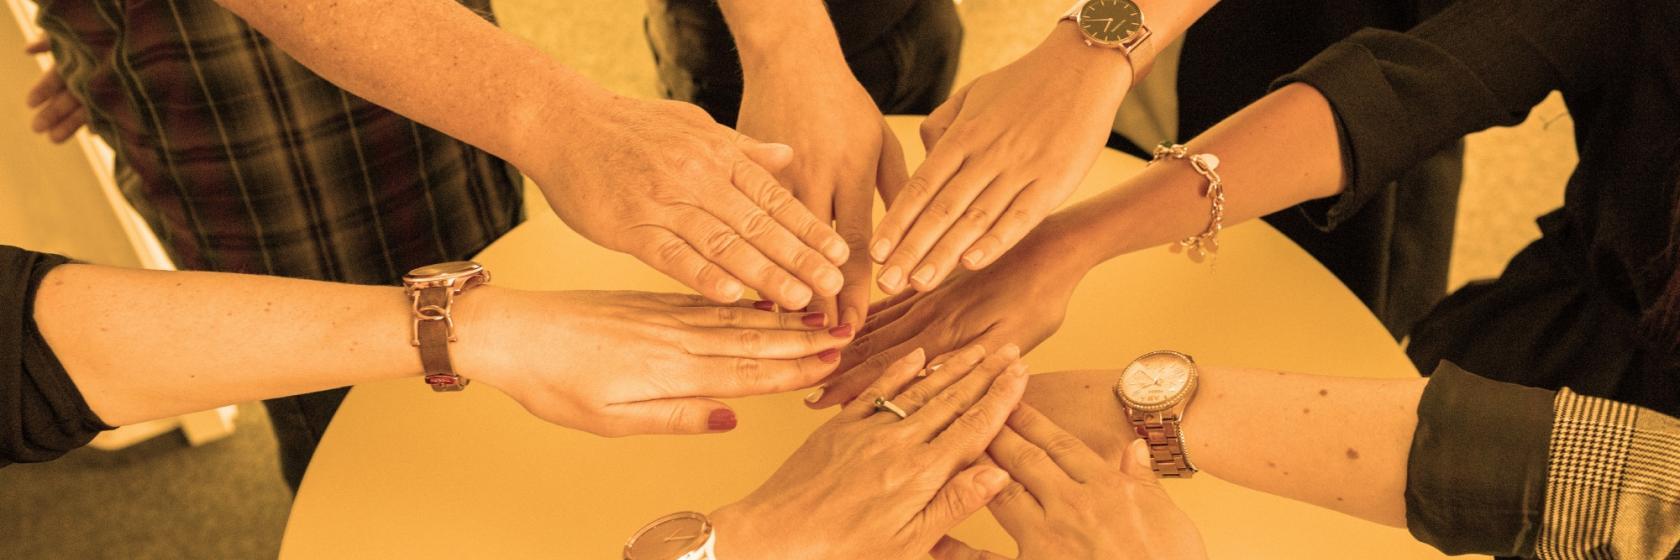 Stiftung für Mitarbeiter/innen und deren Angehörige, die unverschuldet in Not geraten sind